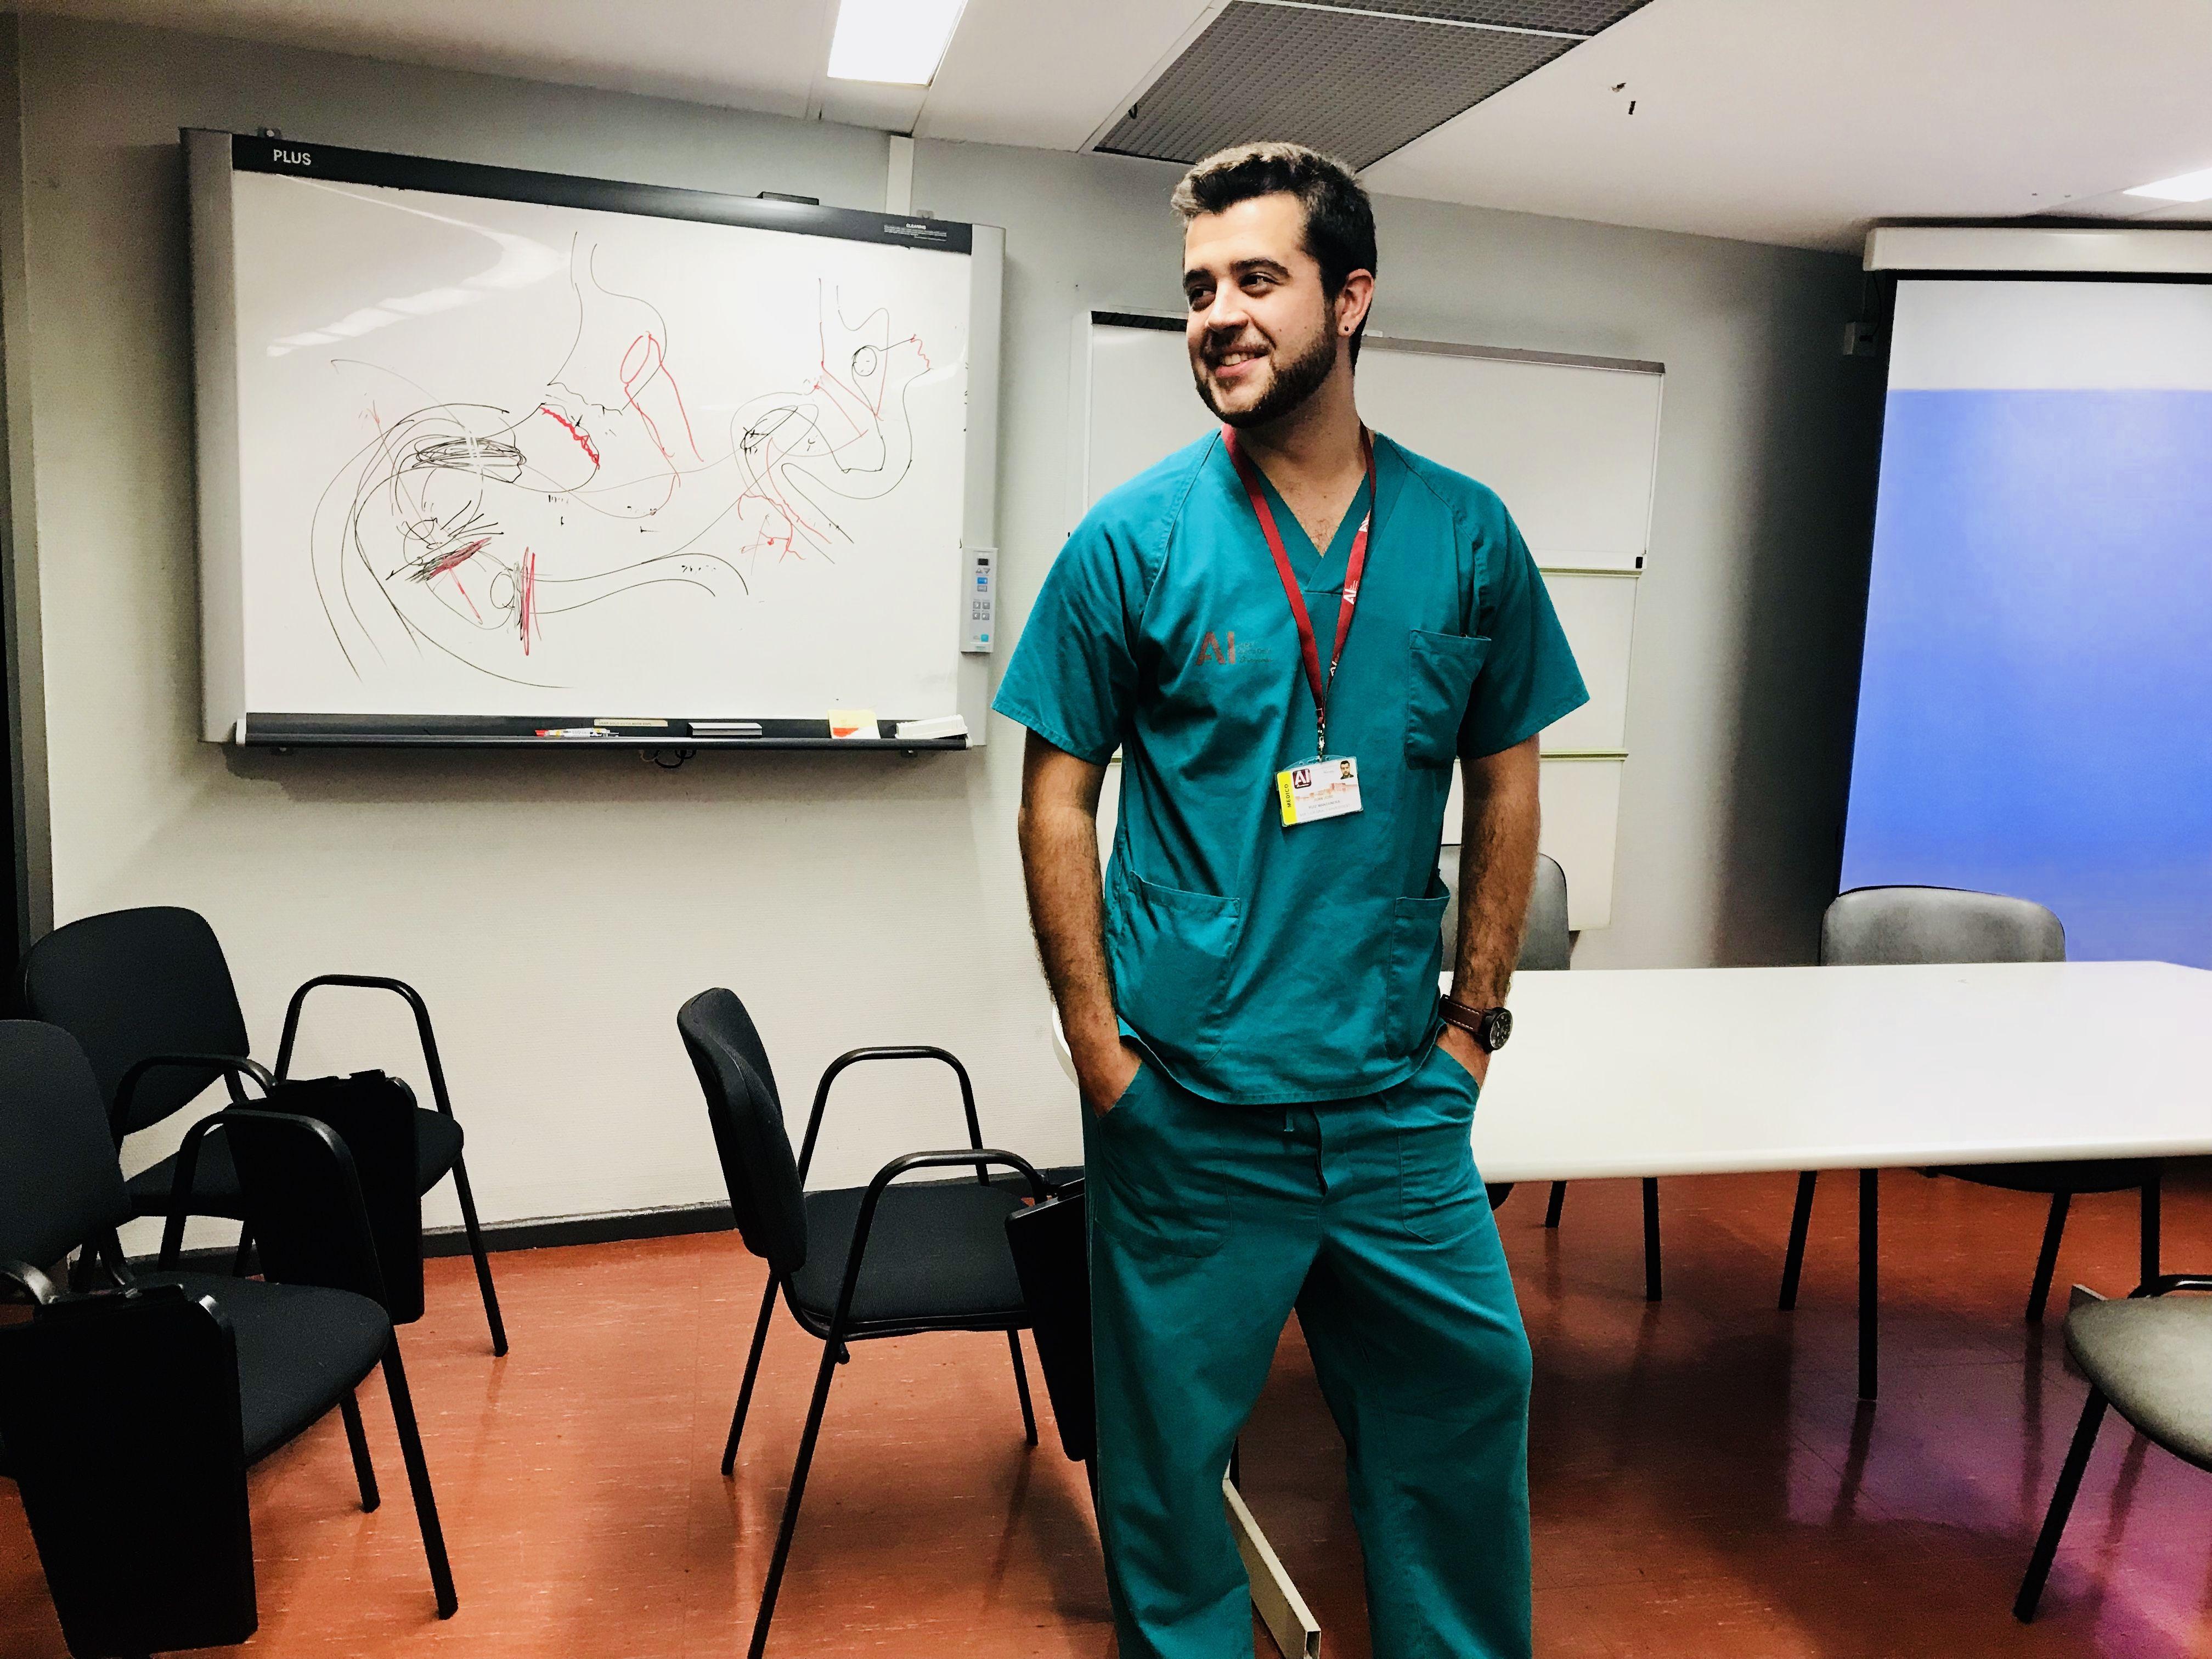 De la bata blanca al pijama verde: cómo alcancé el sueño de ser cirujano